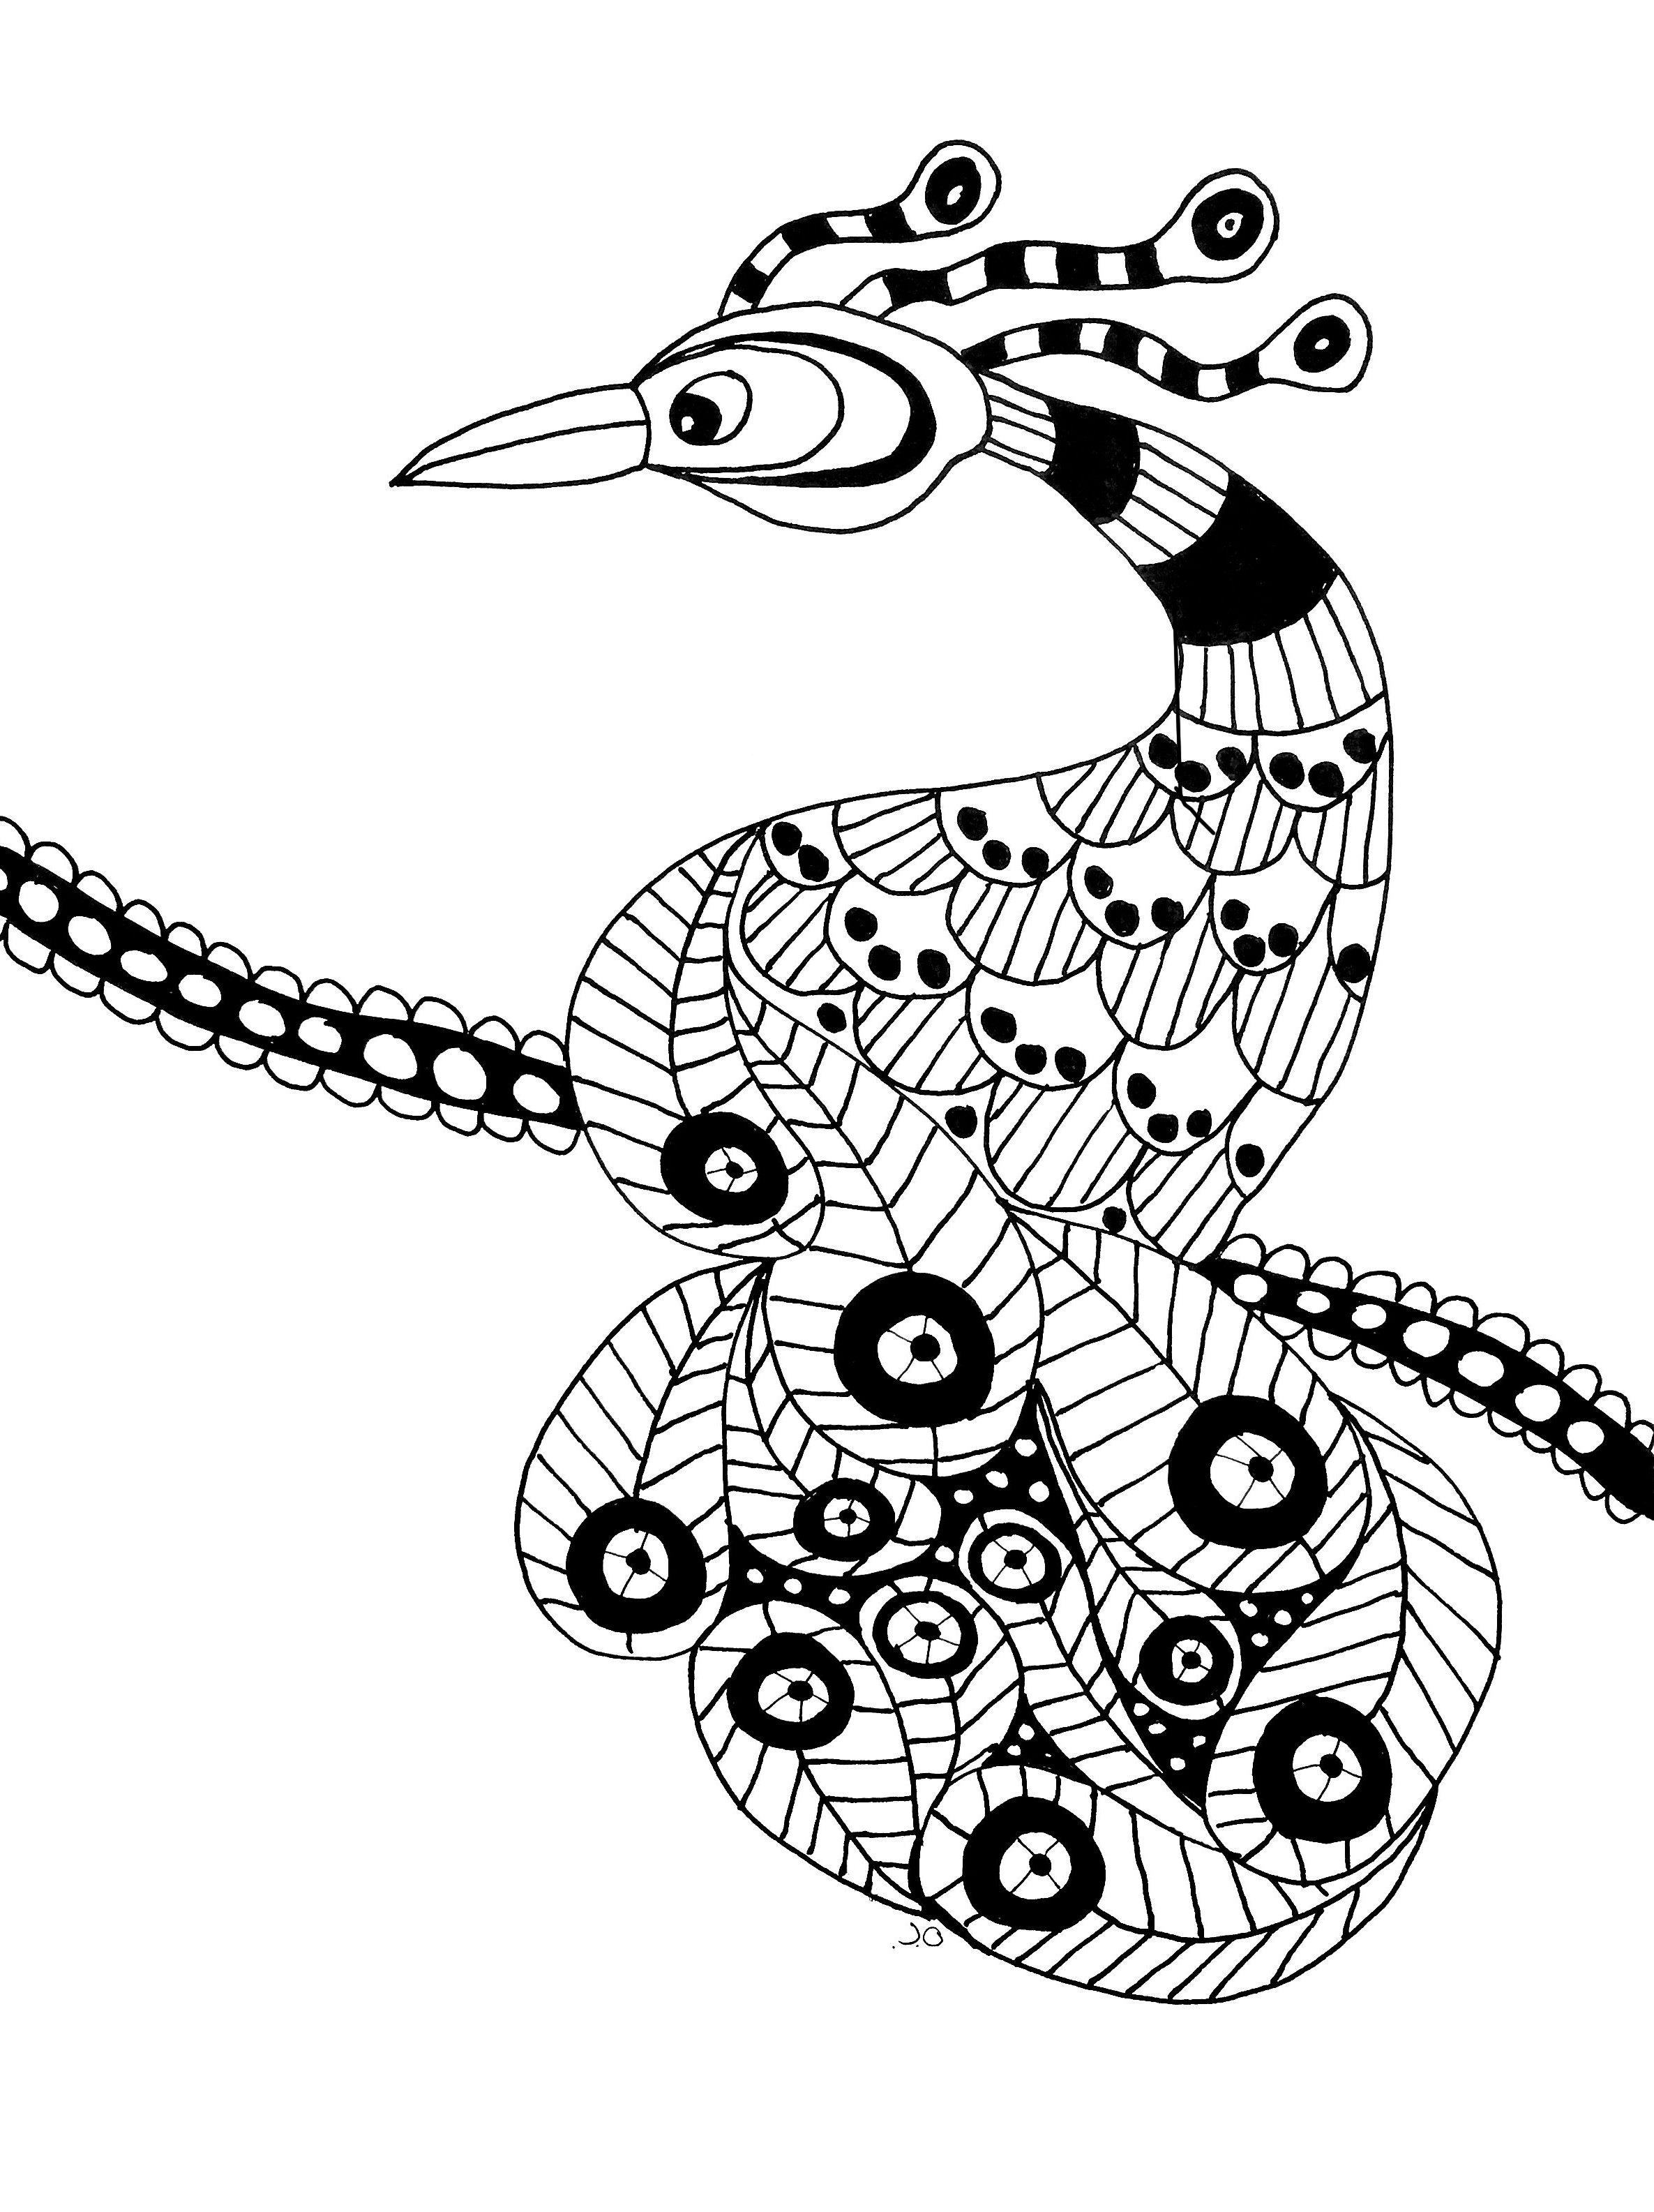 Disegni da colorare per adulti : Uccelli - 6